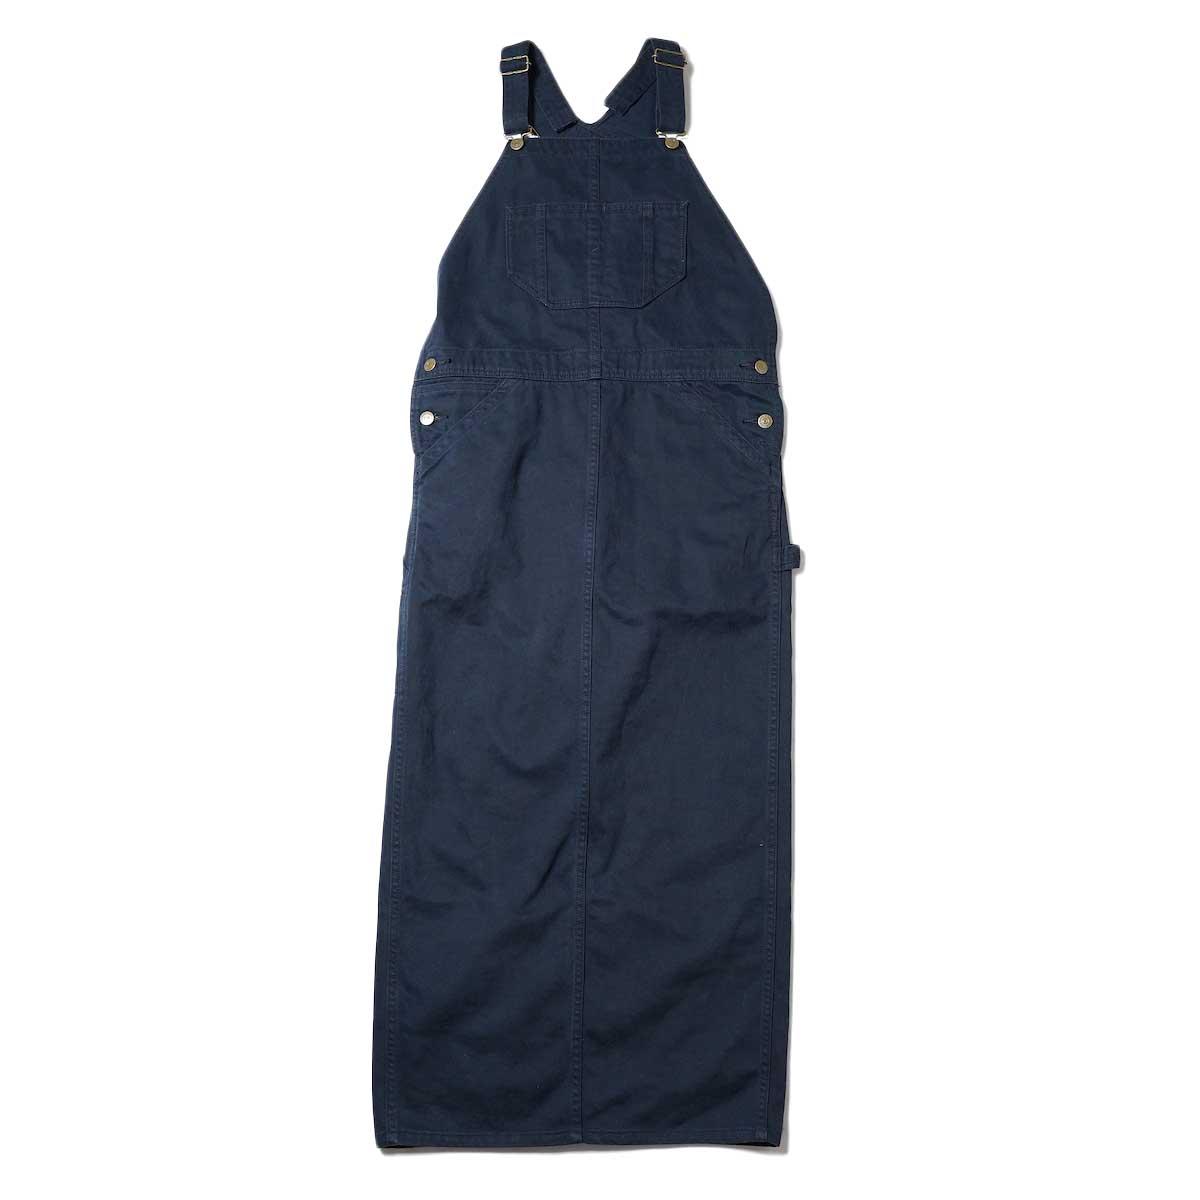 BLUEBIRD BOULEVARD / Classic Warm Worker Satin Jumper Dress (Navy)